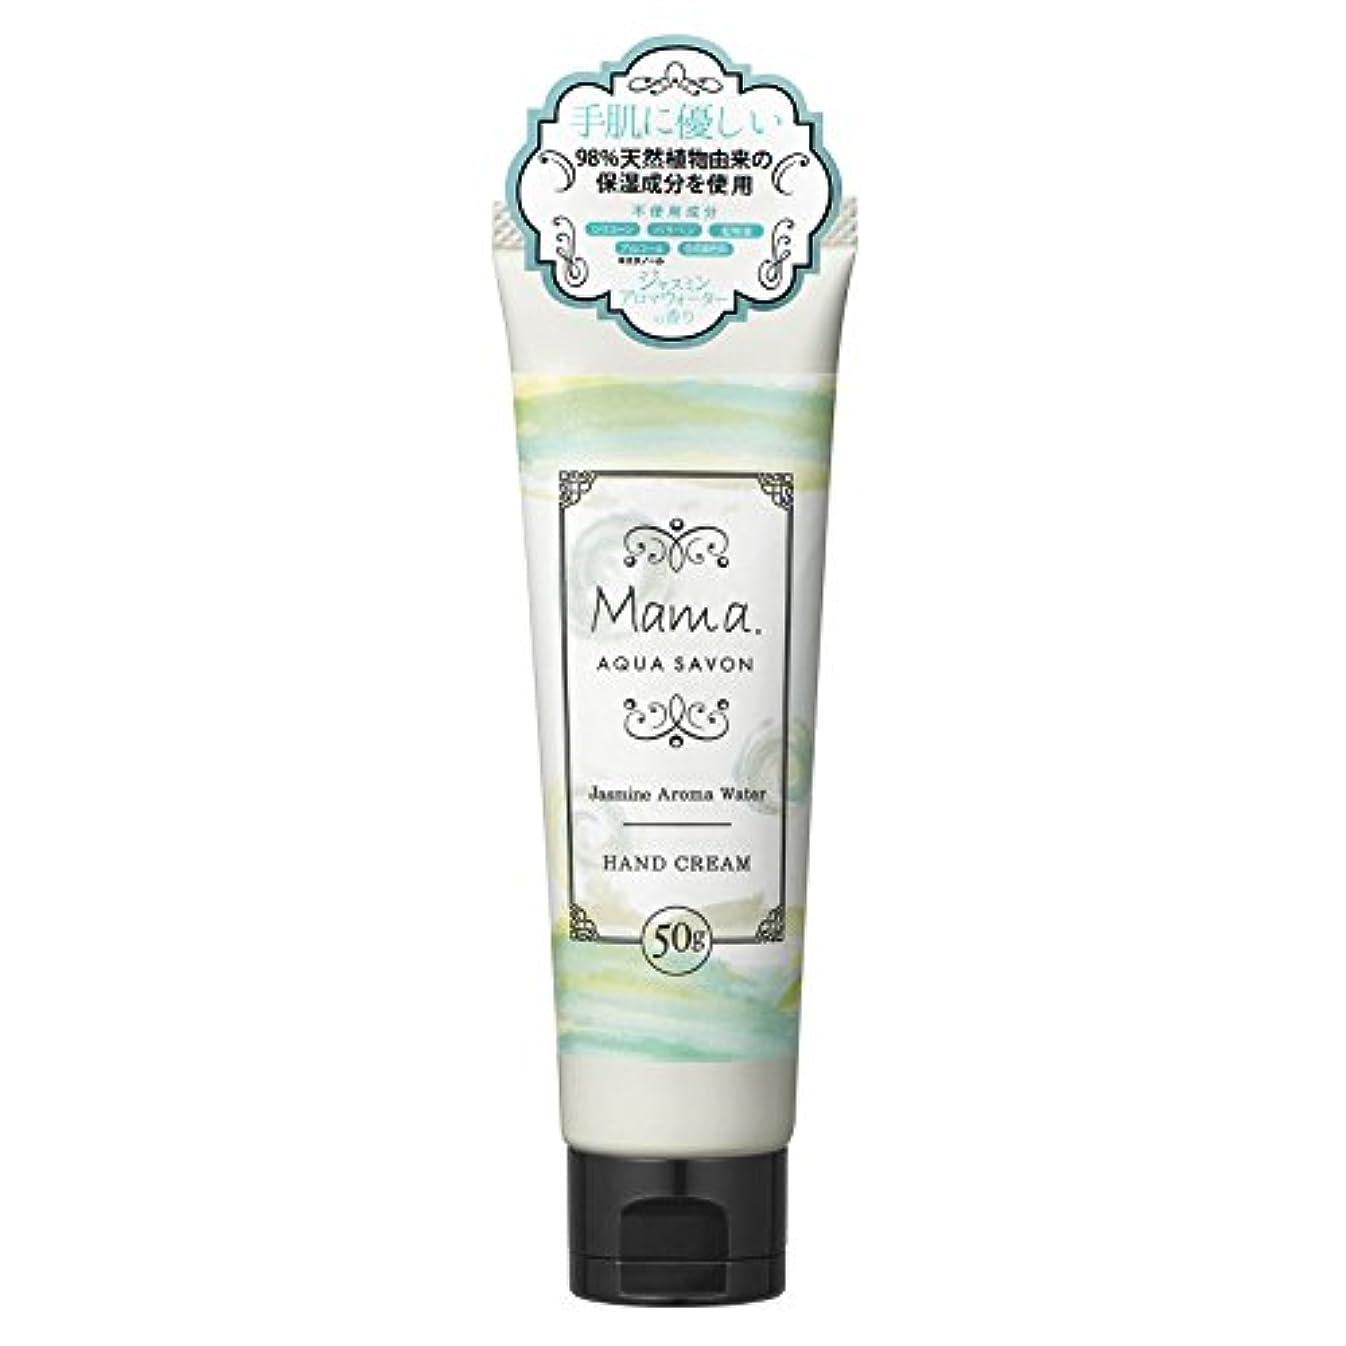 メディアマティスもママアクアシャボン ハンドクリーム ジャスミンアロマウォーターの香り 50g